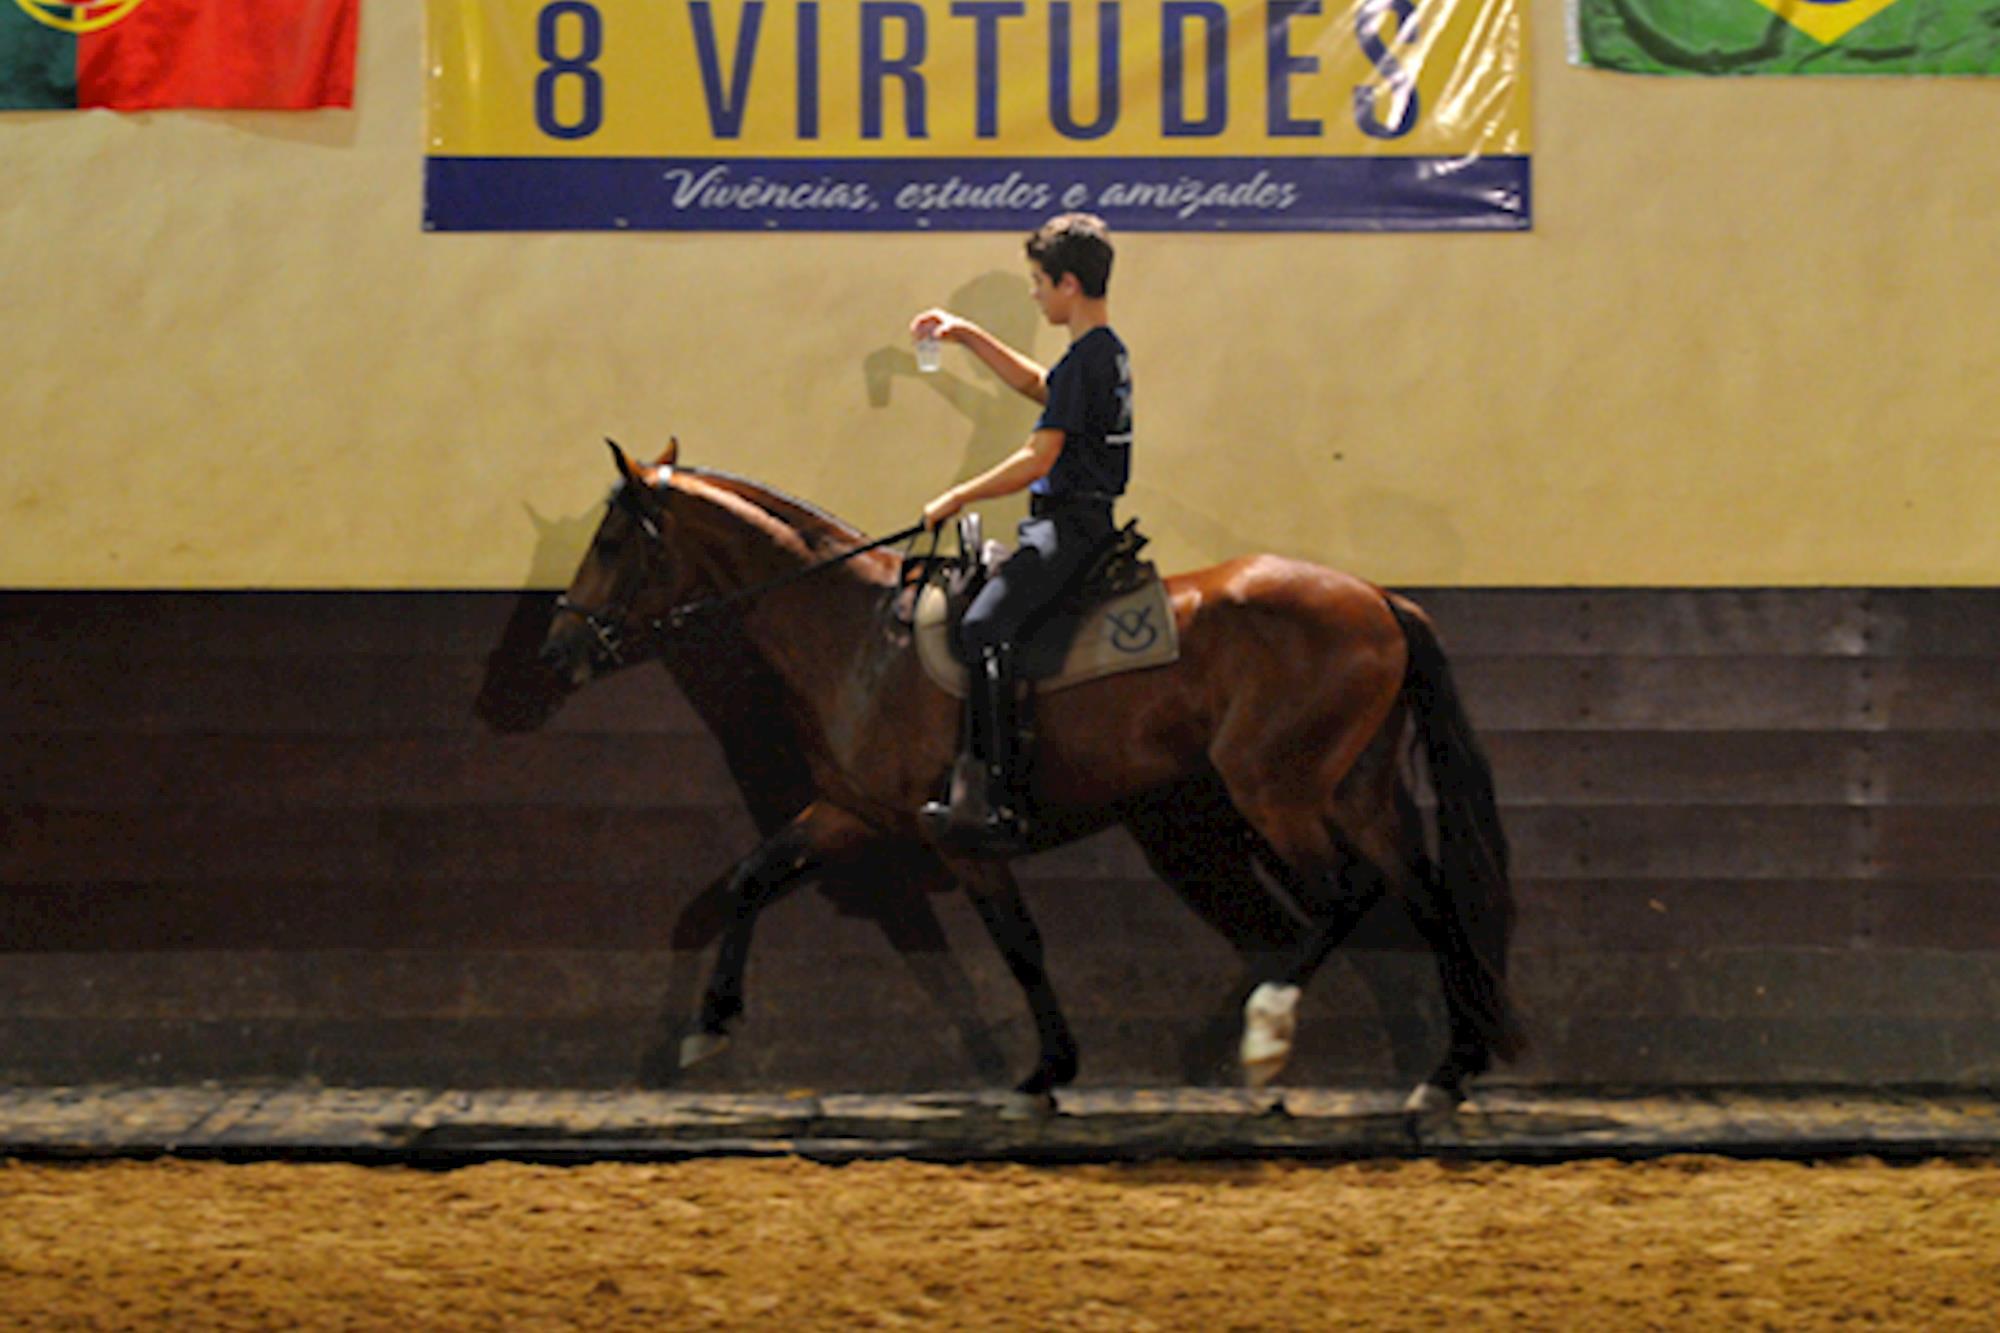 Gravação do DVD 8 Virtudes